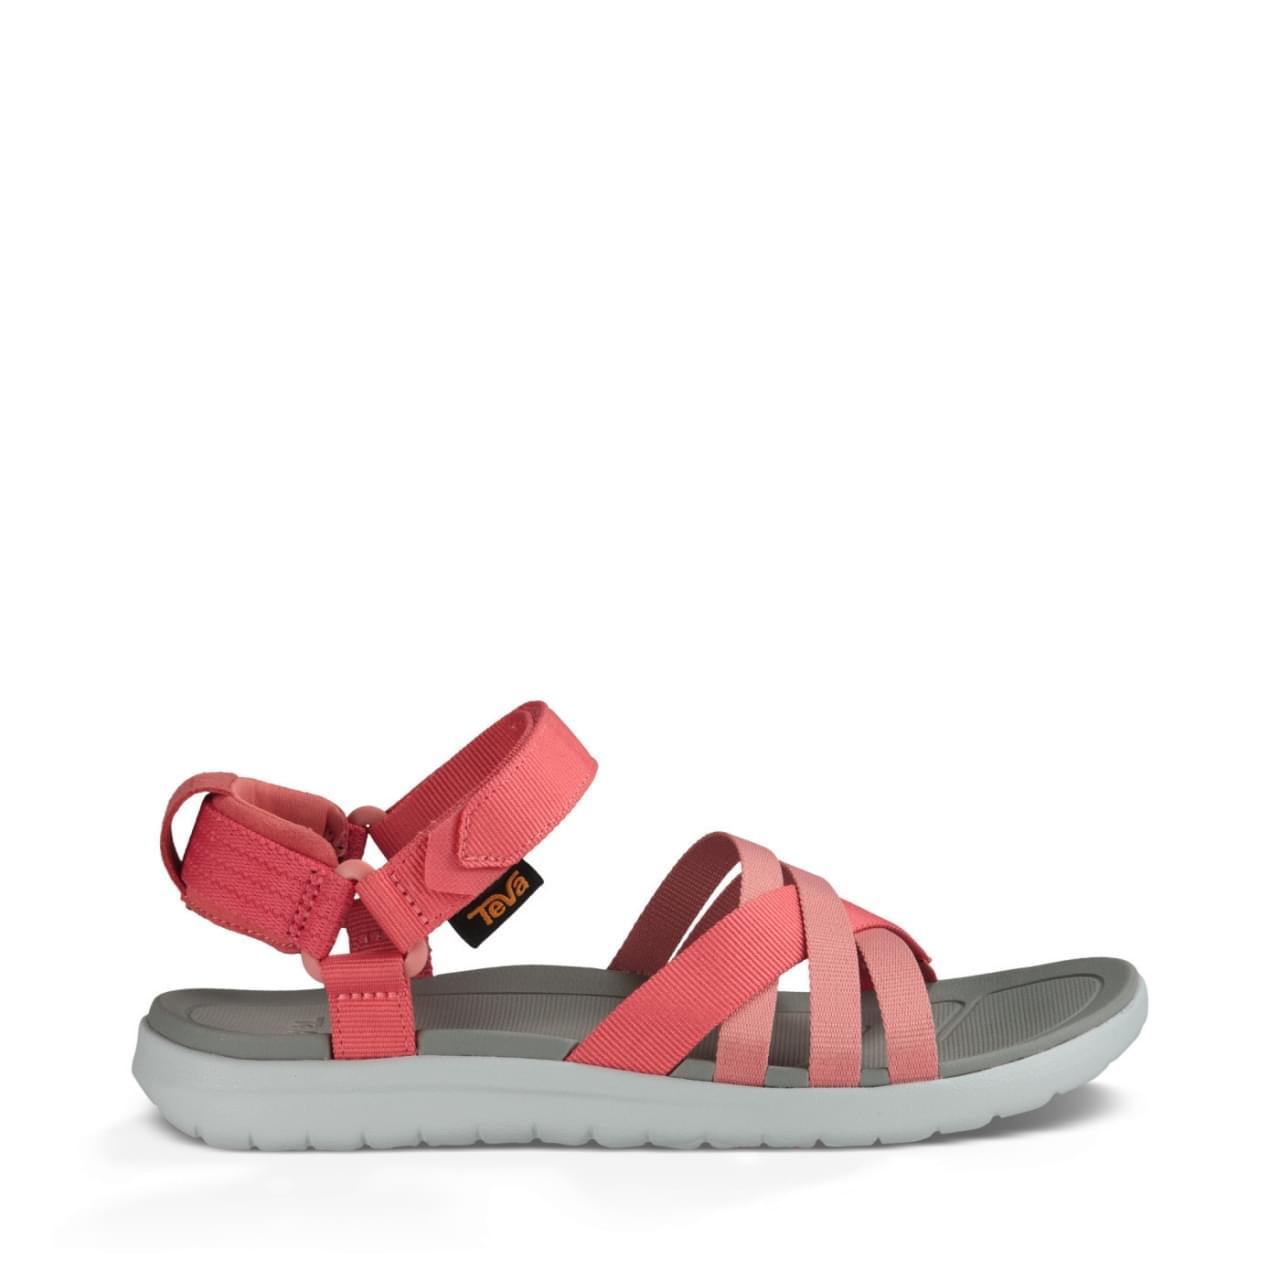 Comfort en casual is heel goed gecombineerd in deze sandaal van teva. comfort omdat de sandaal een heerlijk ...